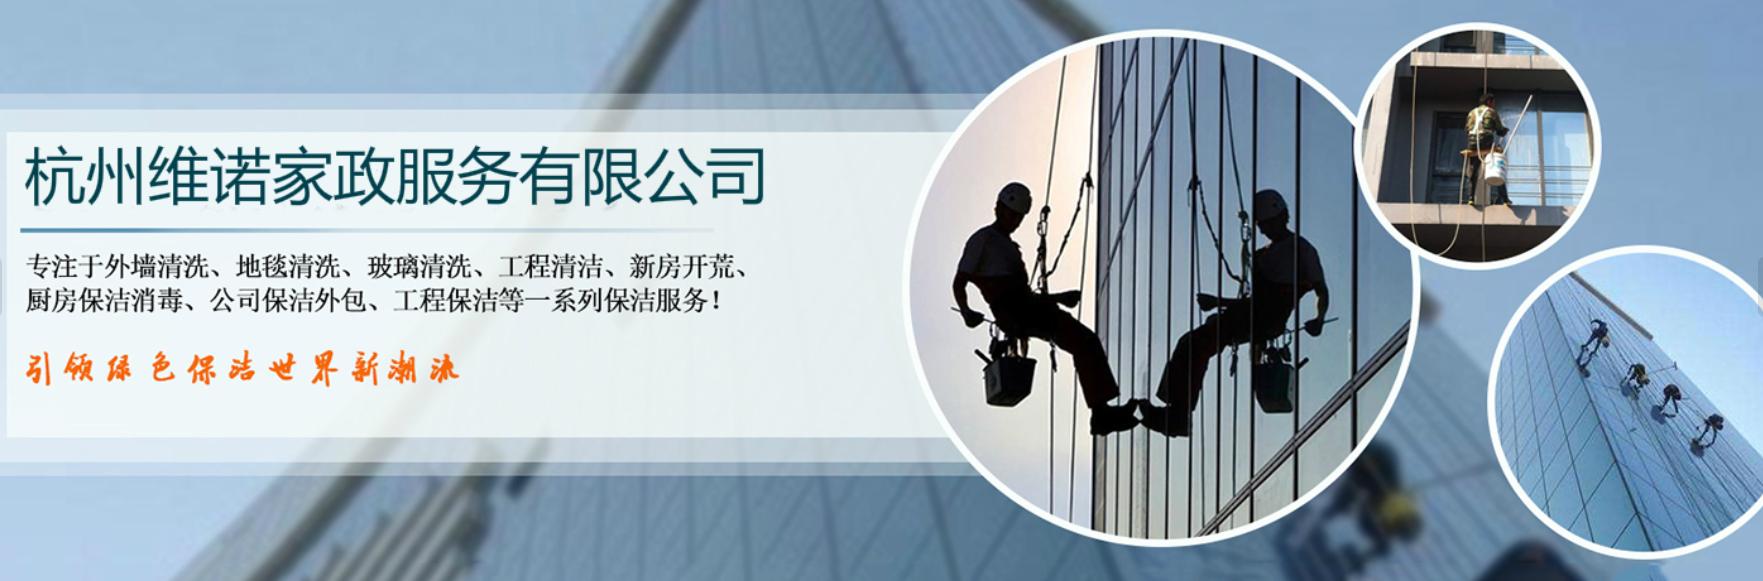 杭州维诺家政服务有限公司